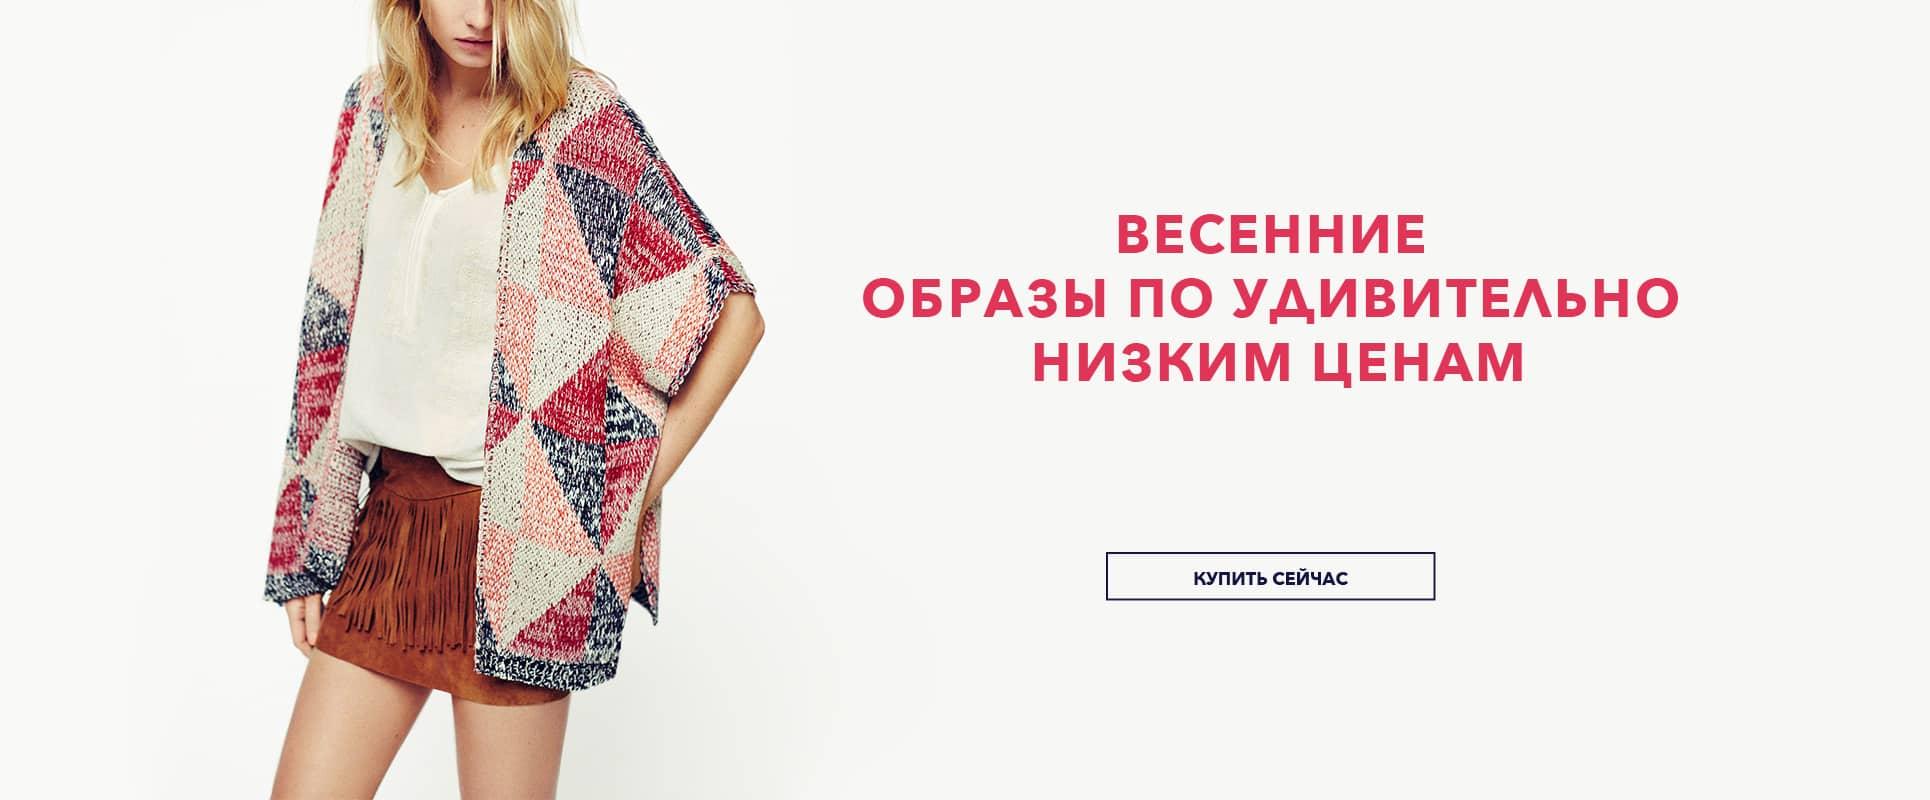 Интернет Магазин Одежды Манго